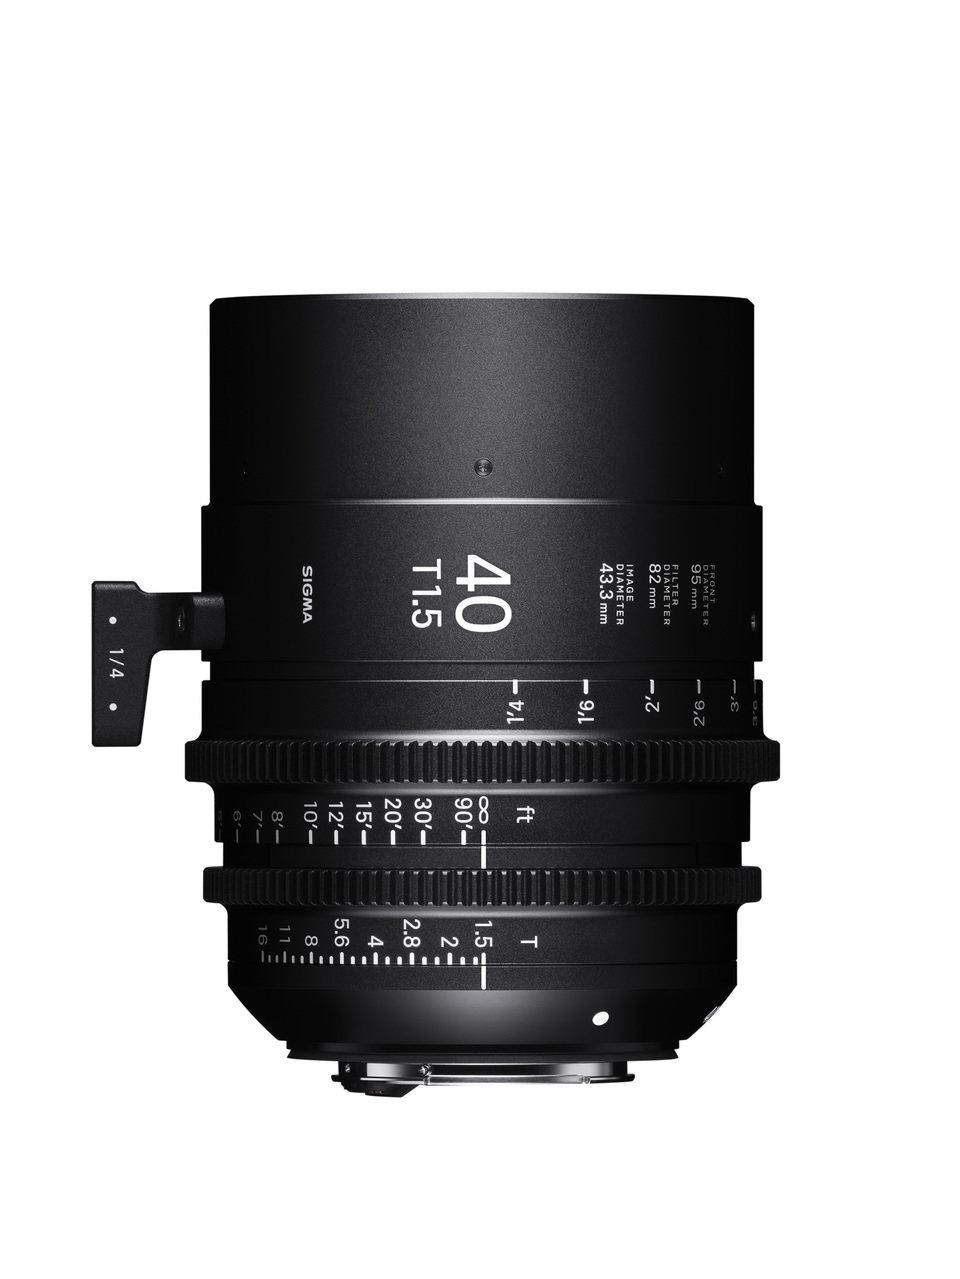 40mm T1.5 FF